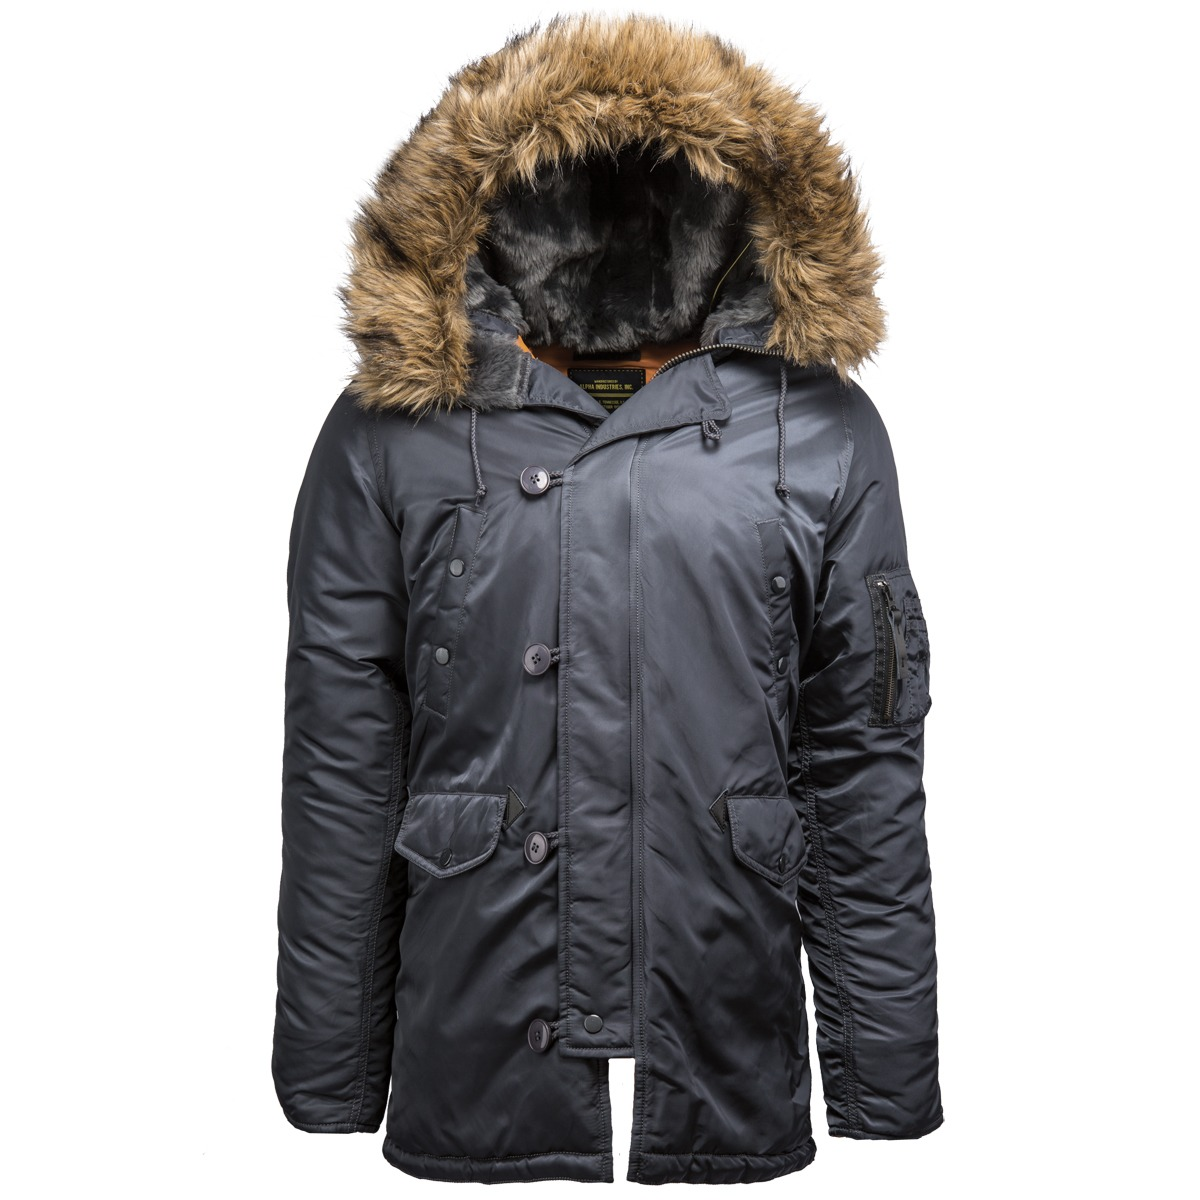 7bca58d2a69 Куртка Аляска Slim Fit N-3B Parka (Steel Blue - серо-синяя)